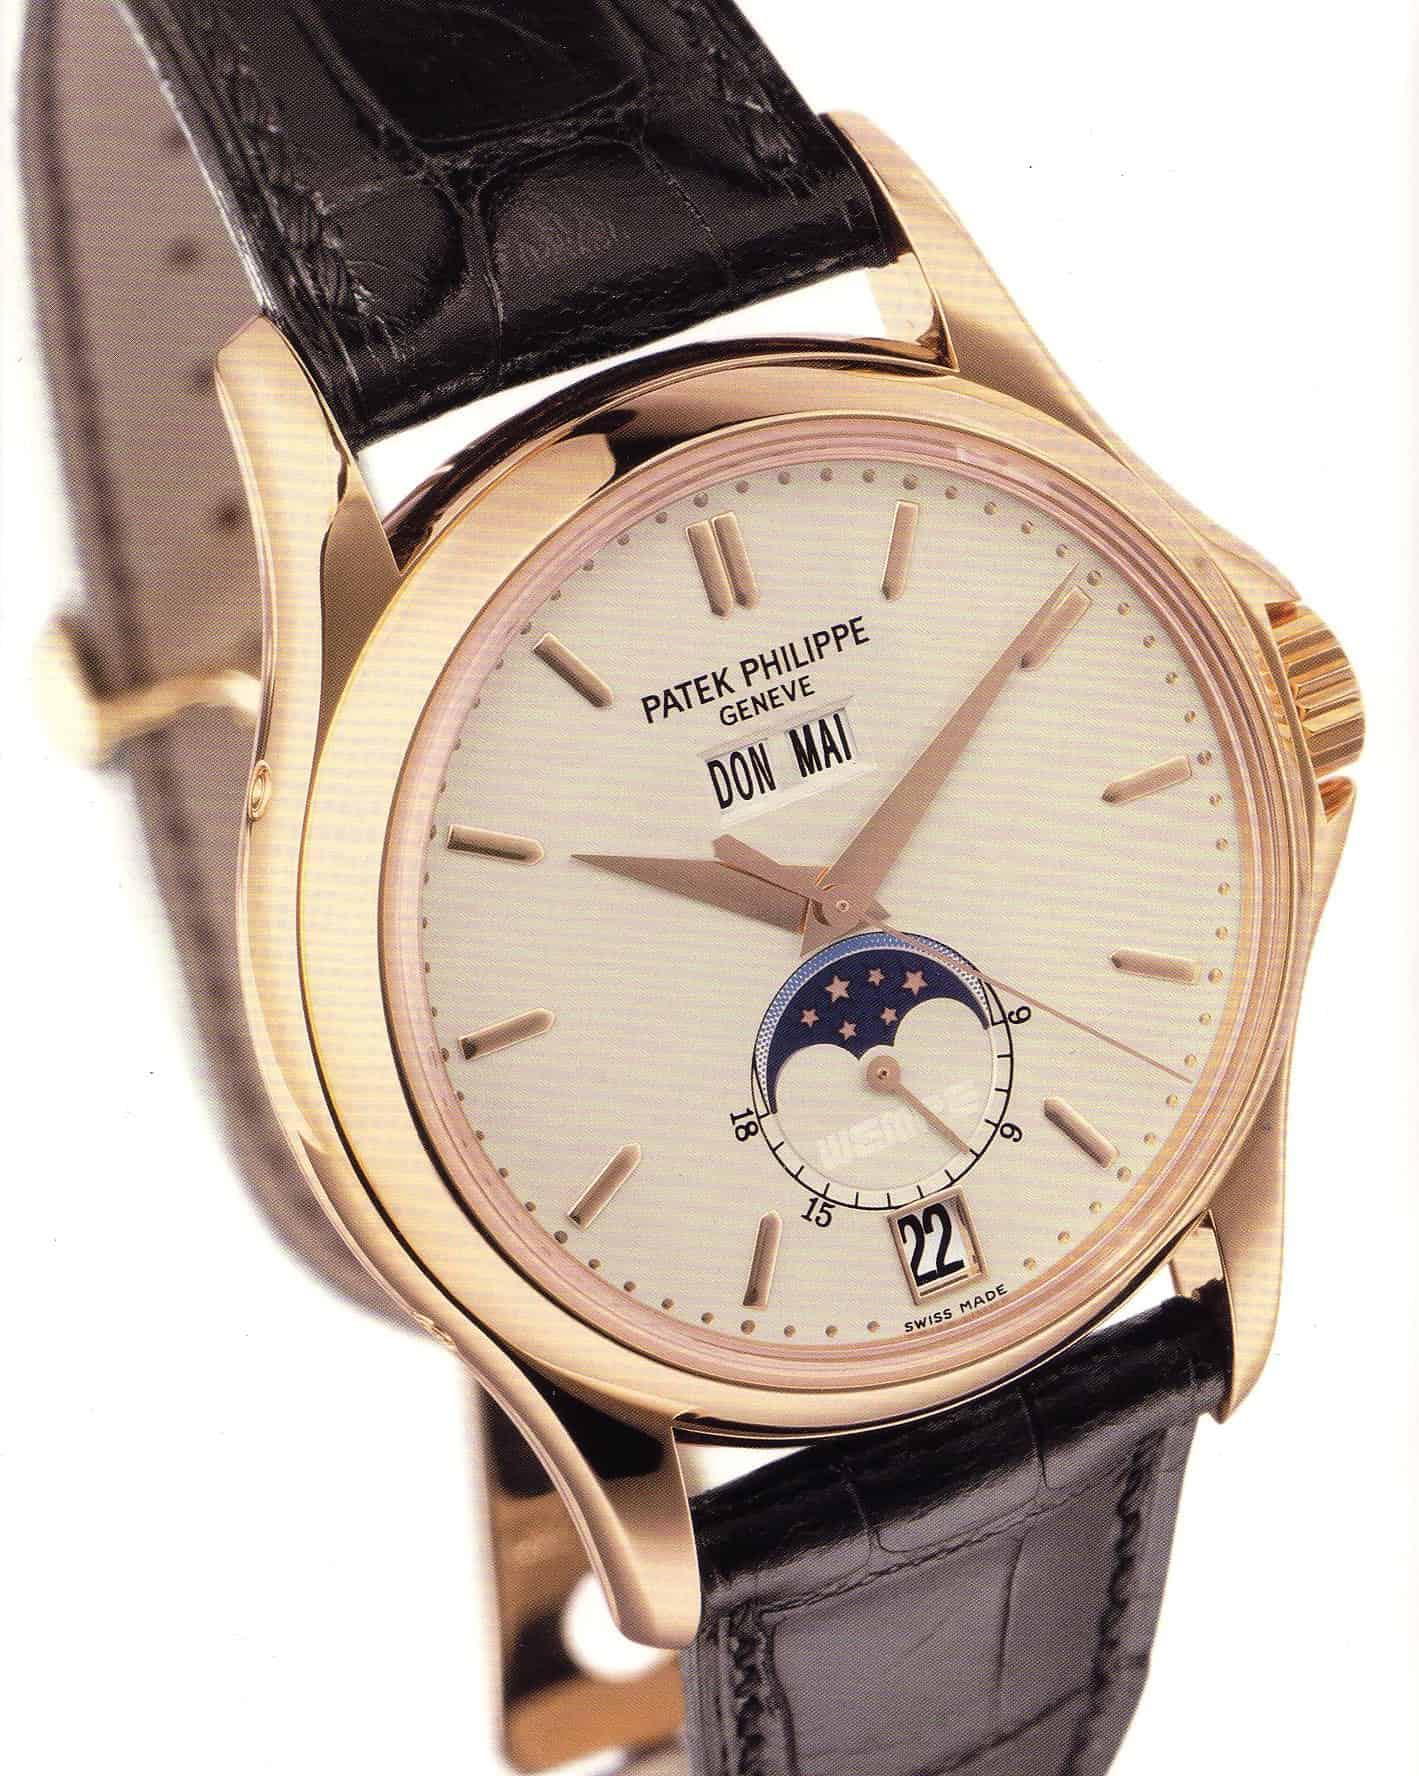 Zum 125. Firmenjubiläum von Wempe Hamburg gab es eine Patek Philippe W125 mit Jahreskalender und Mondphasenindikation.